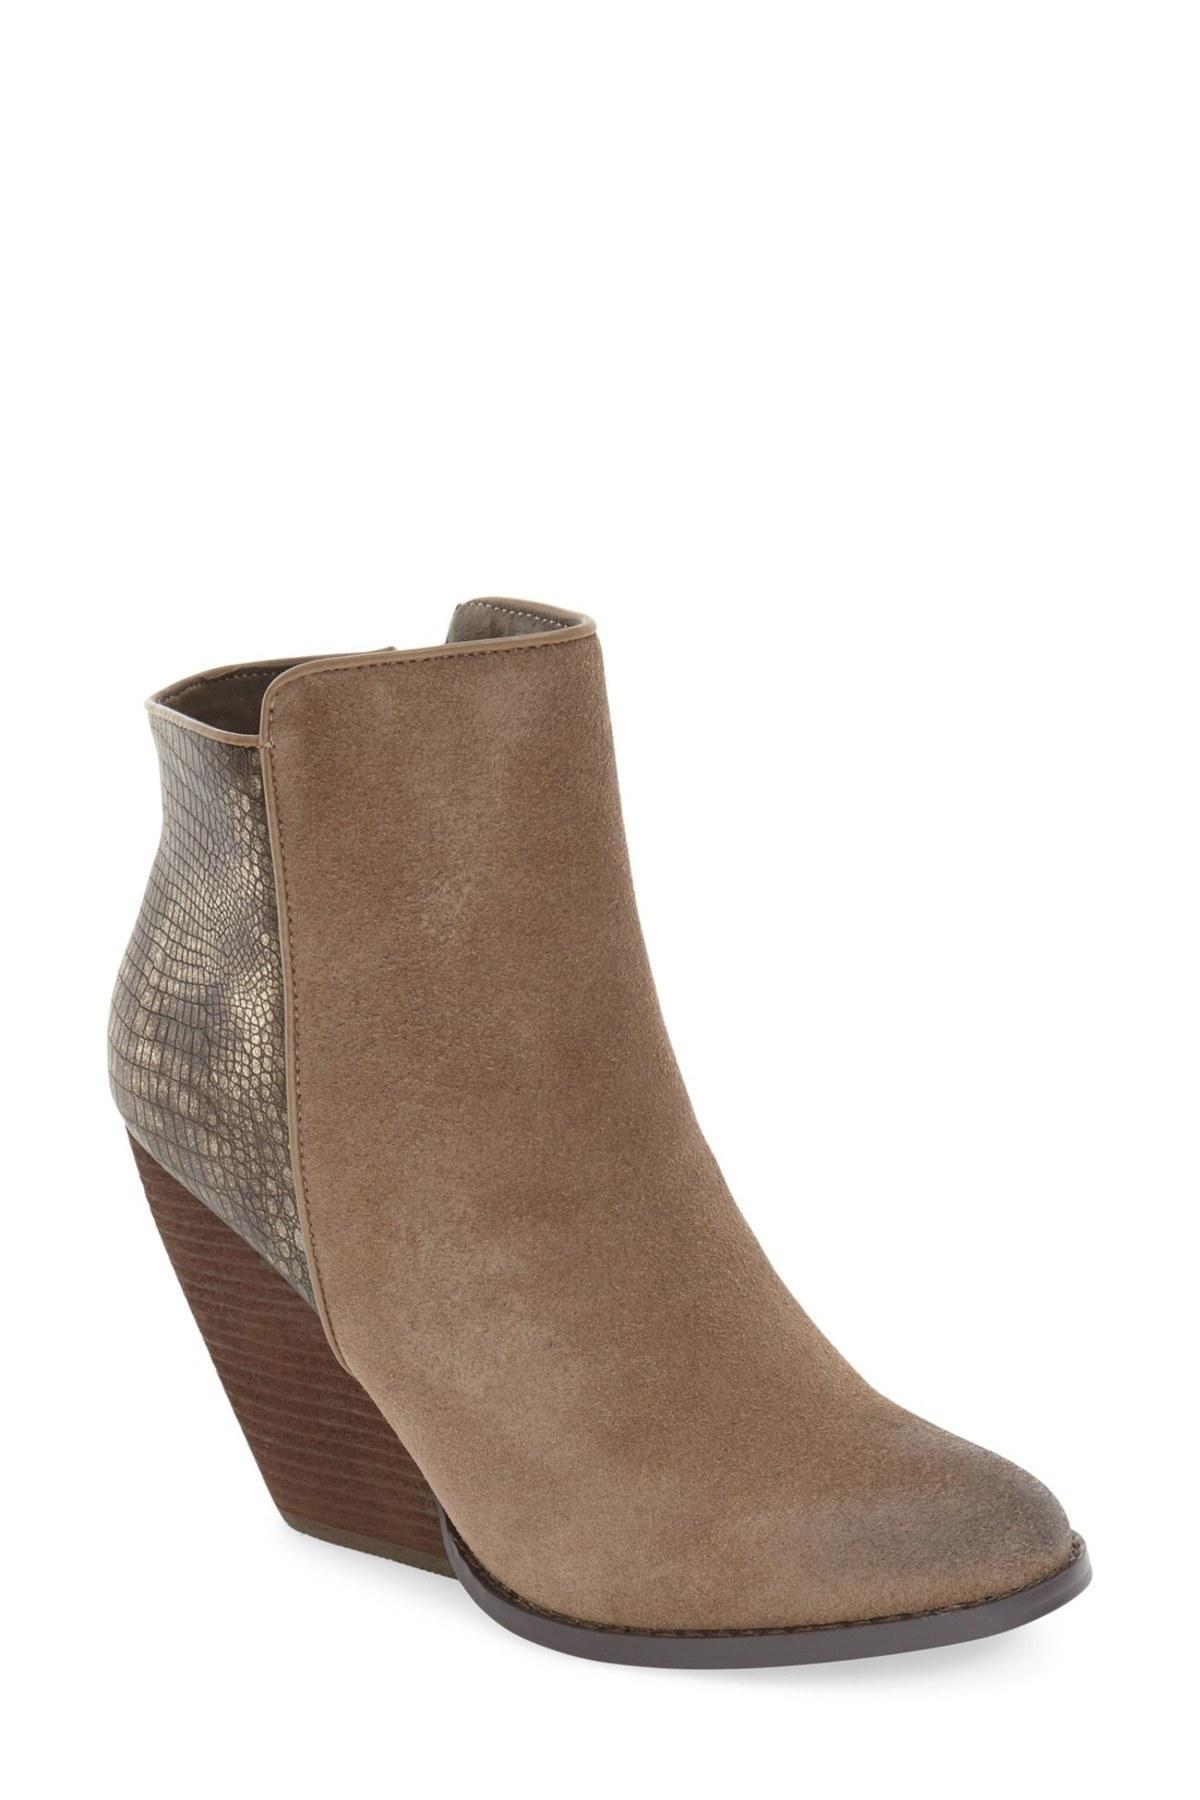 Volatile Shoes Size